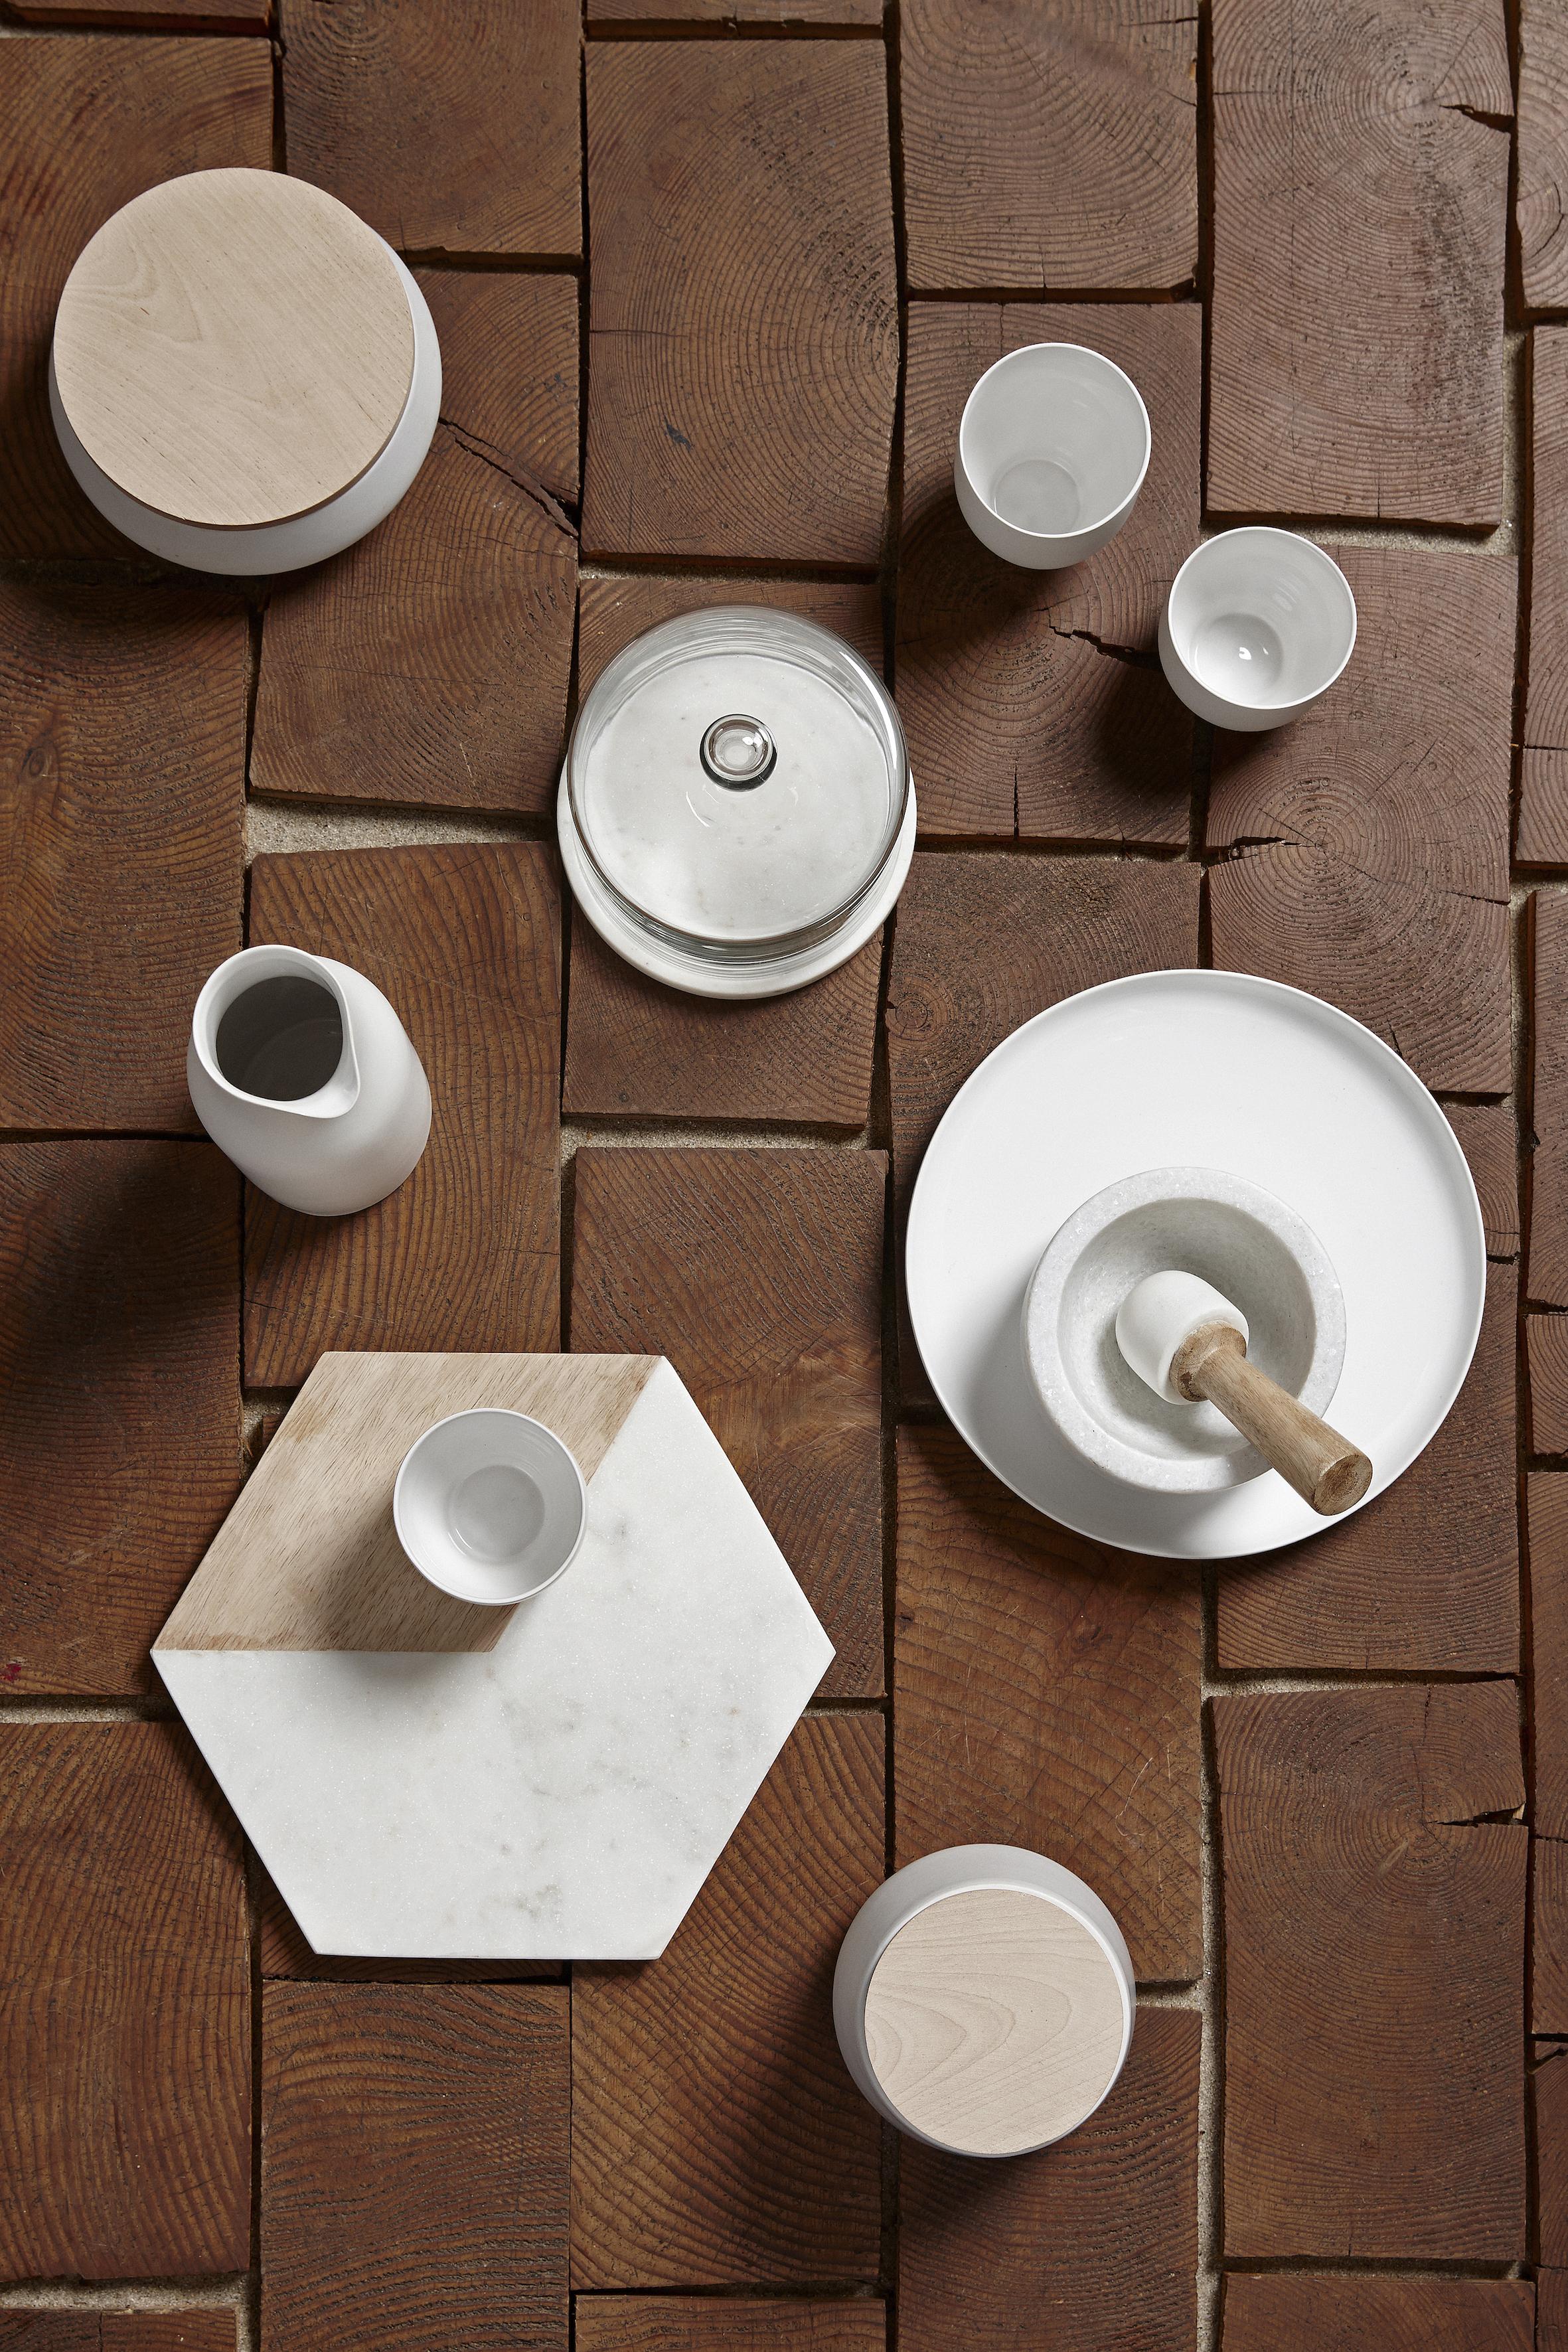 Alldeles fantastisk vit keramikburk med naturfärgad trälock från danska Hübsch